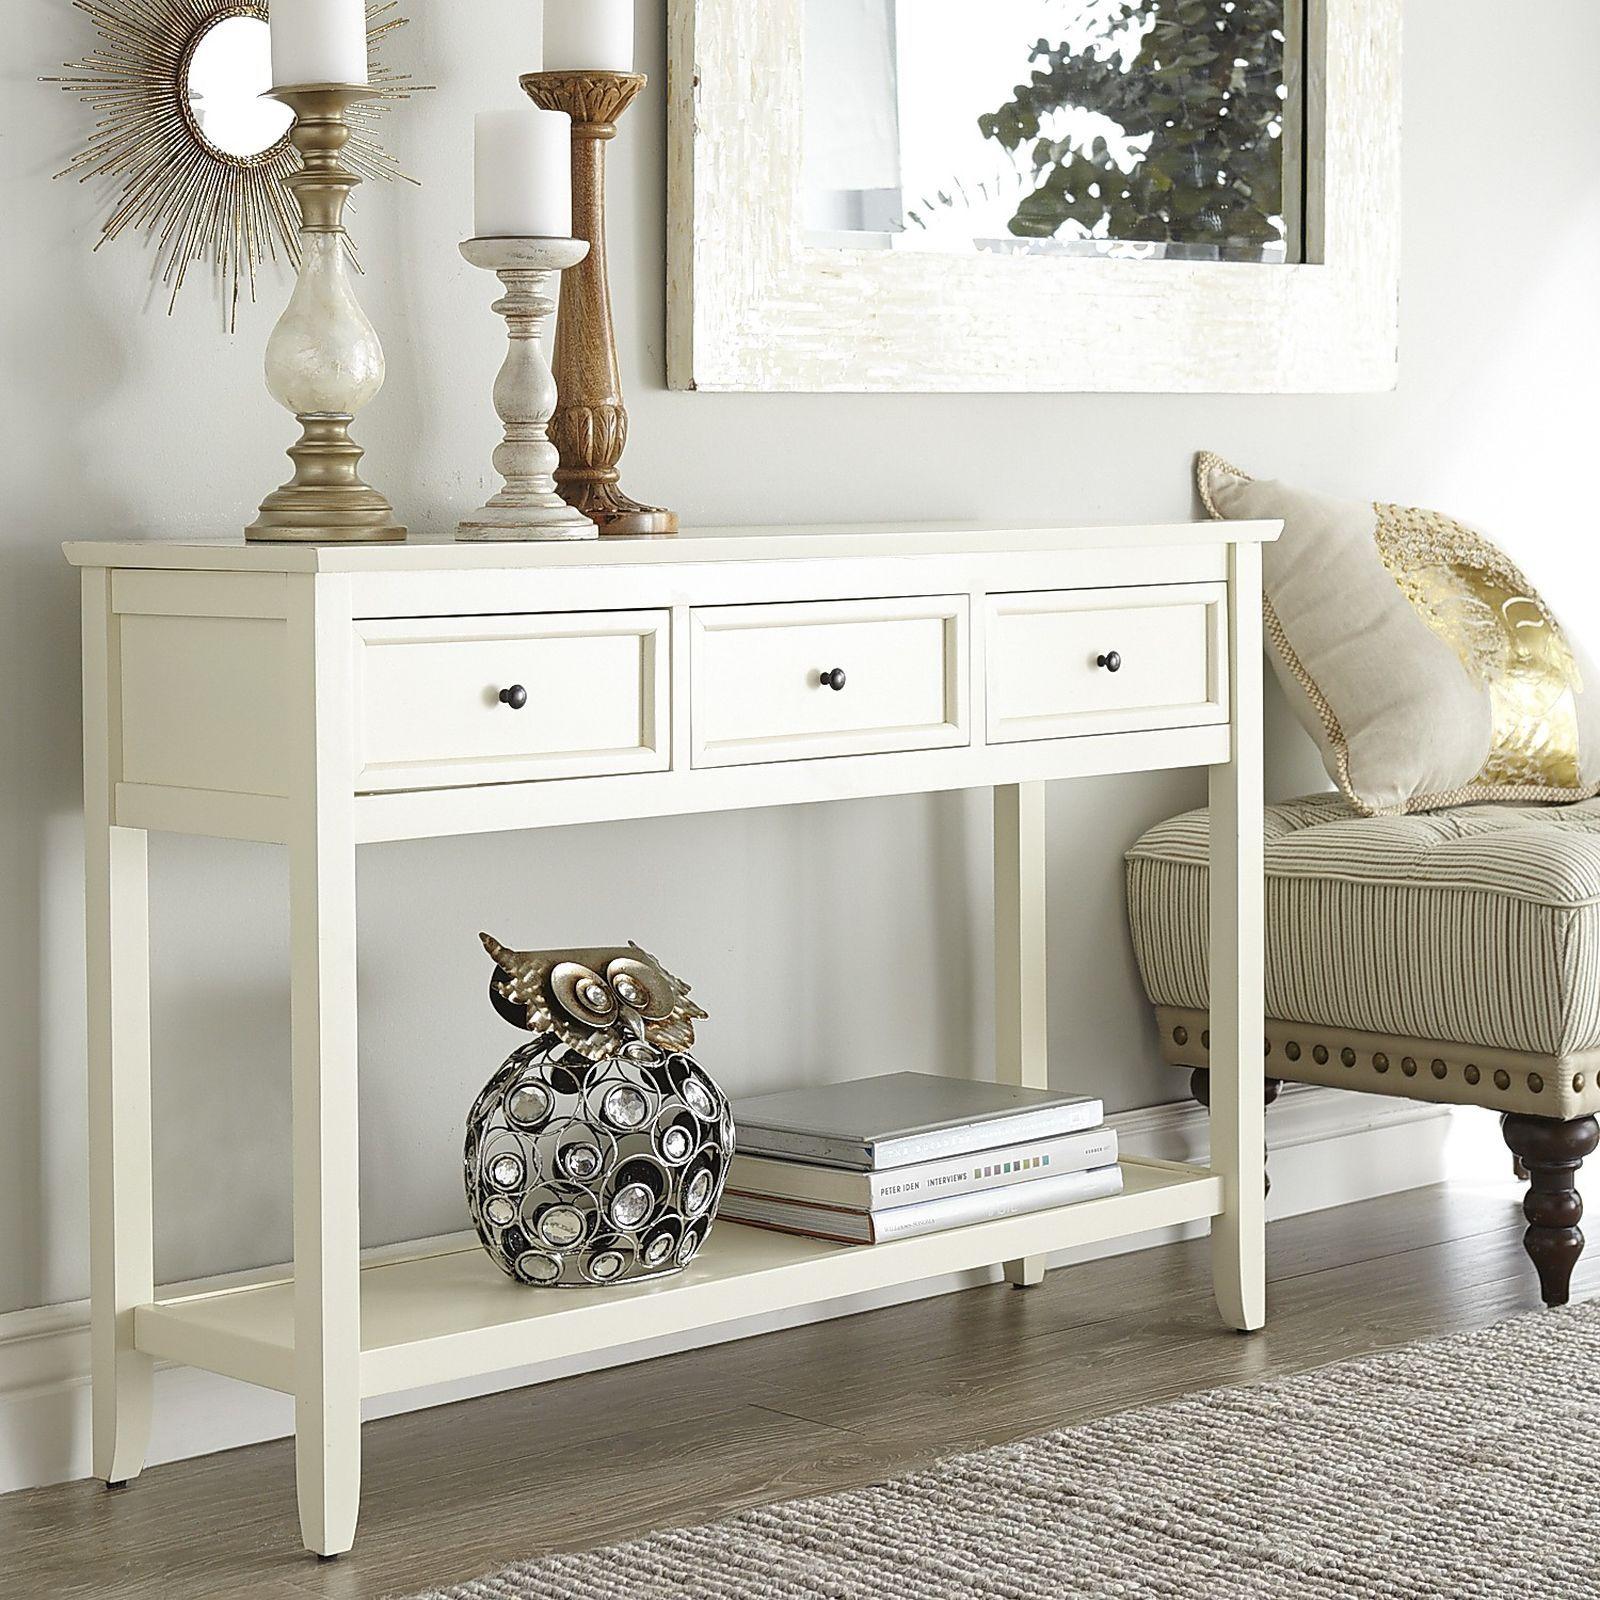 Ashington Console Table Antique White White Console Table Basement Furniture Console Table